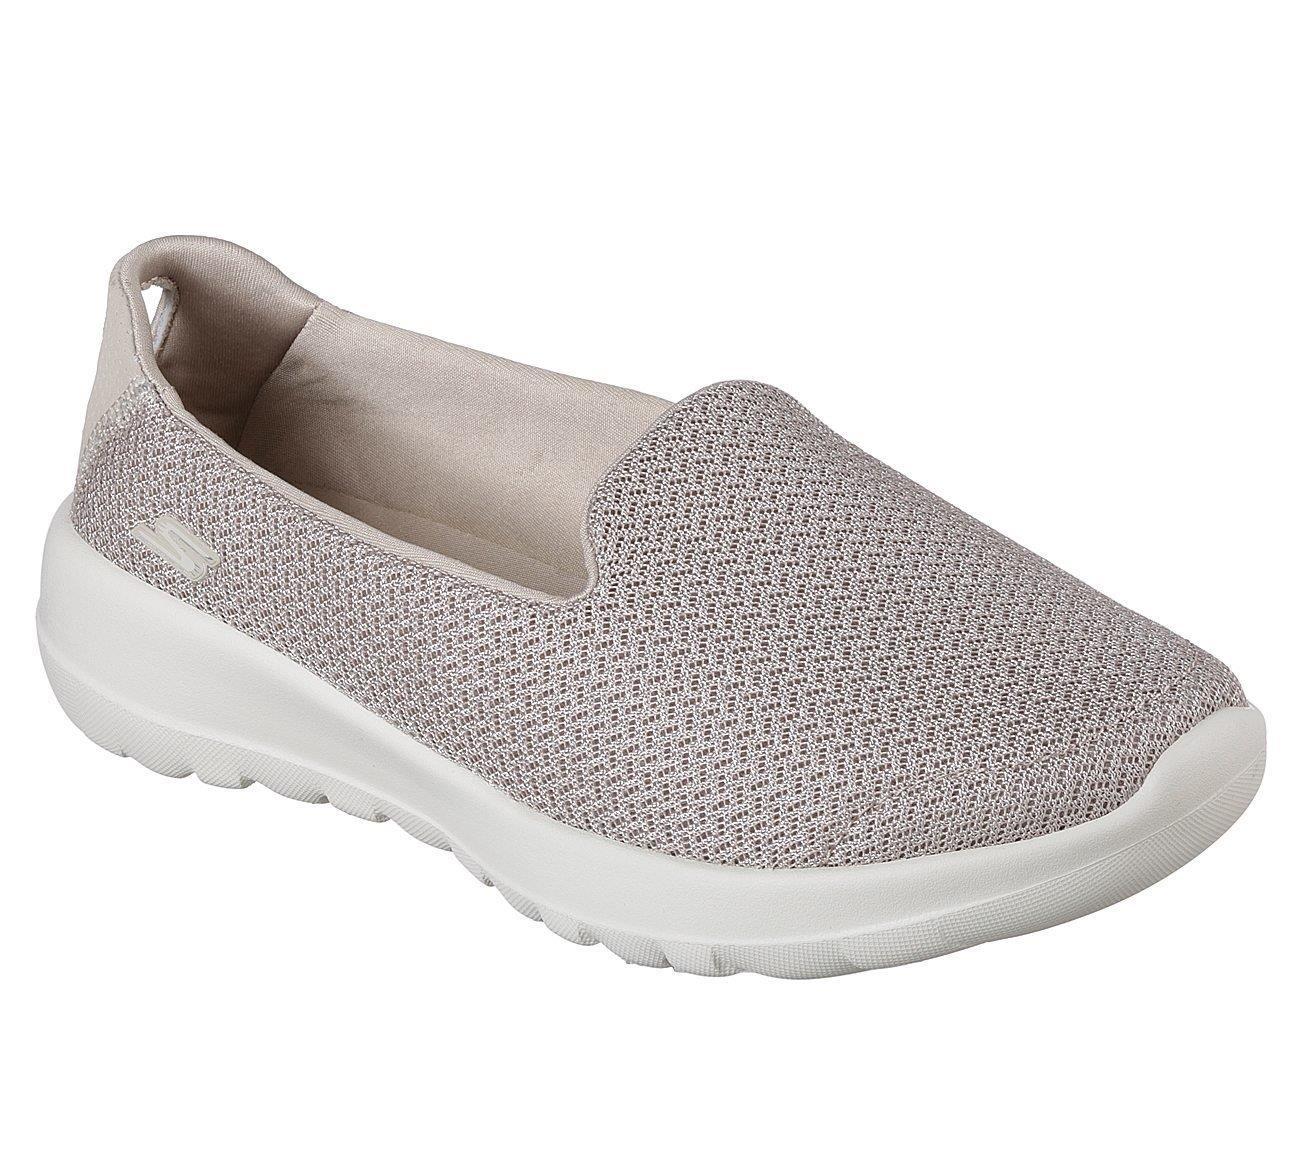 Skechers Go Walk Joy- Splendıd Bayan Ayakkabısı